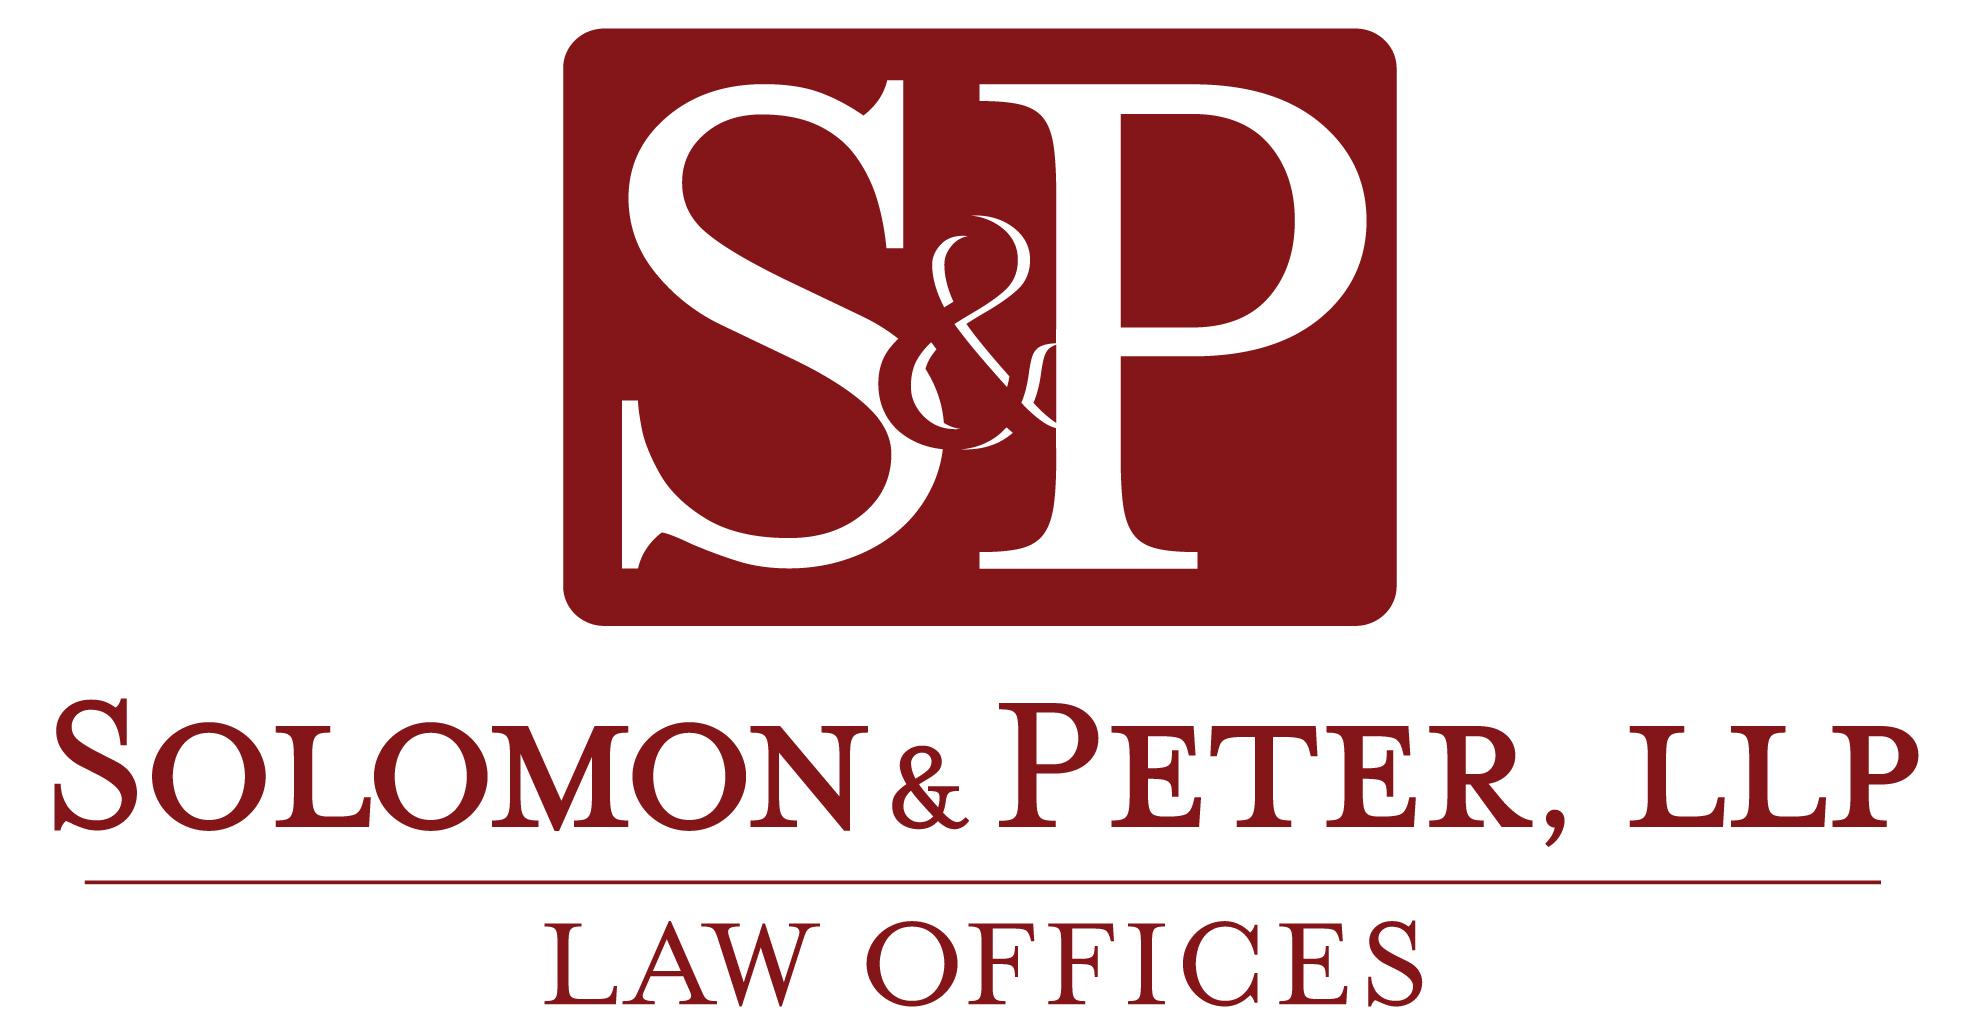 Solomon & Peter, LLP